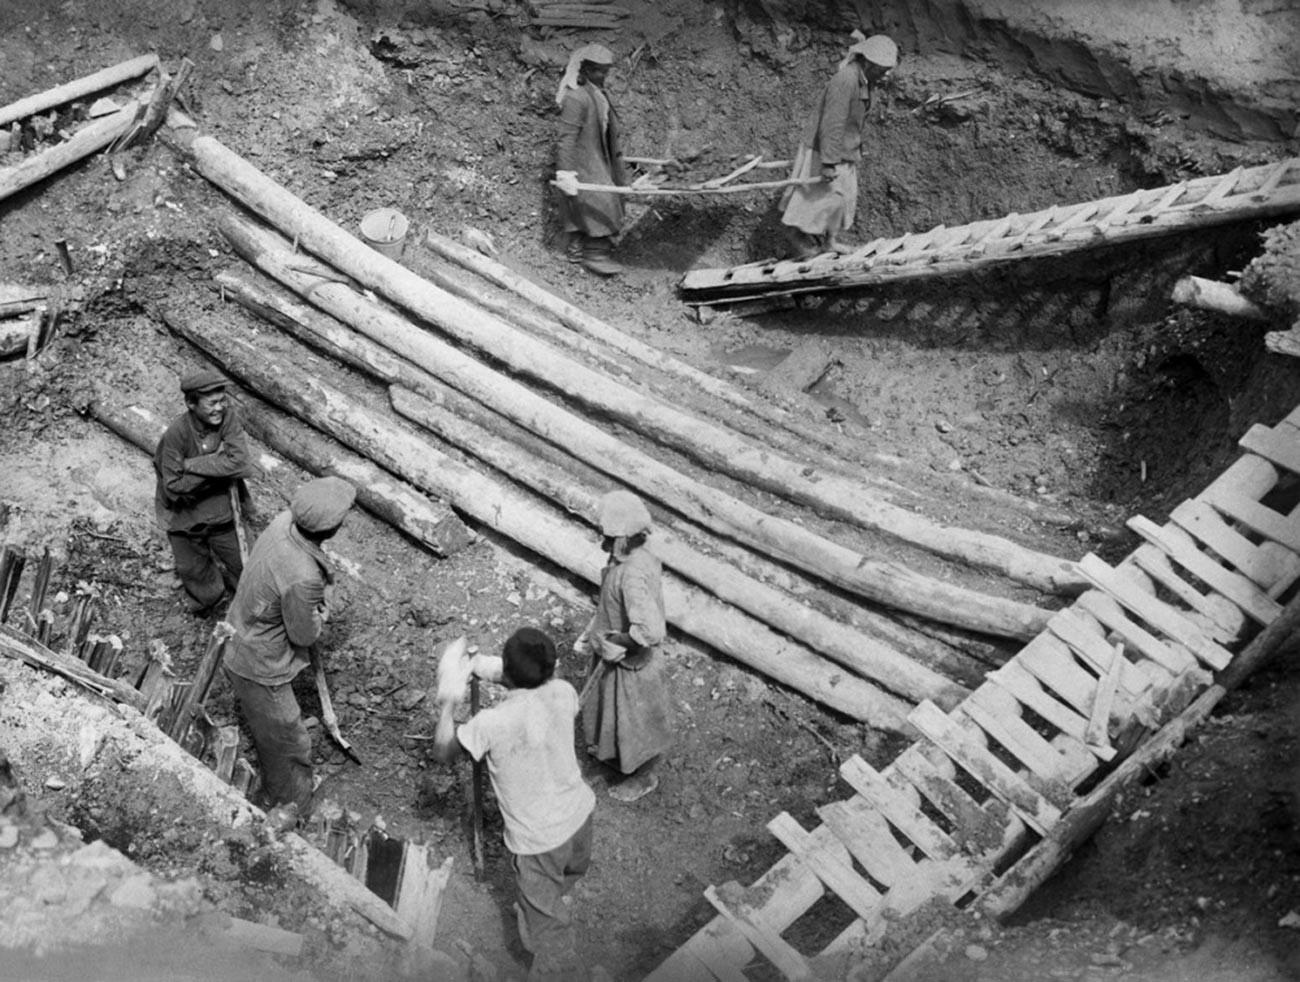 パジリク文化の「クルガン」の採掘作業